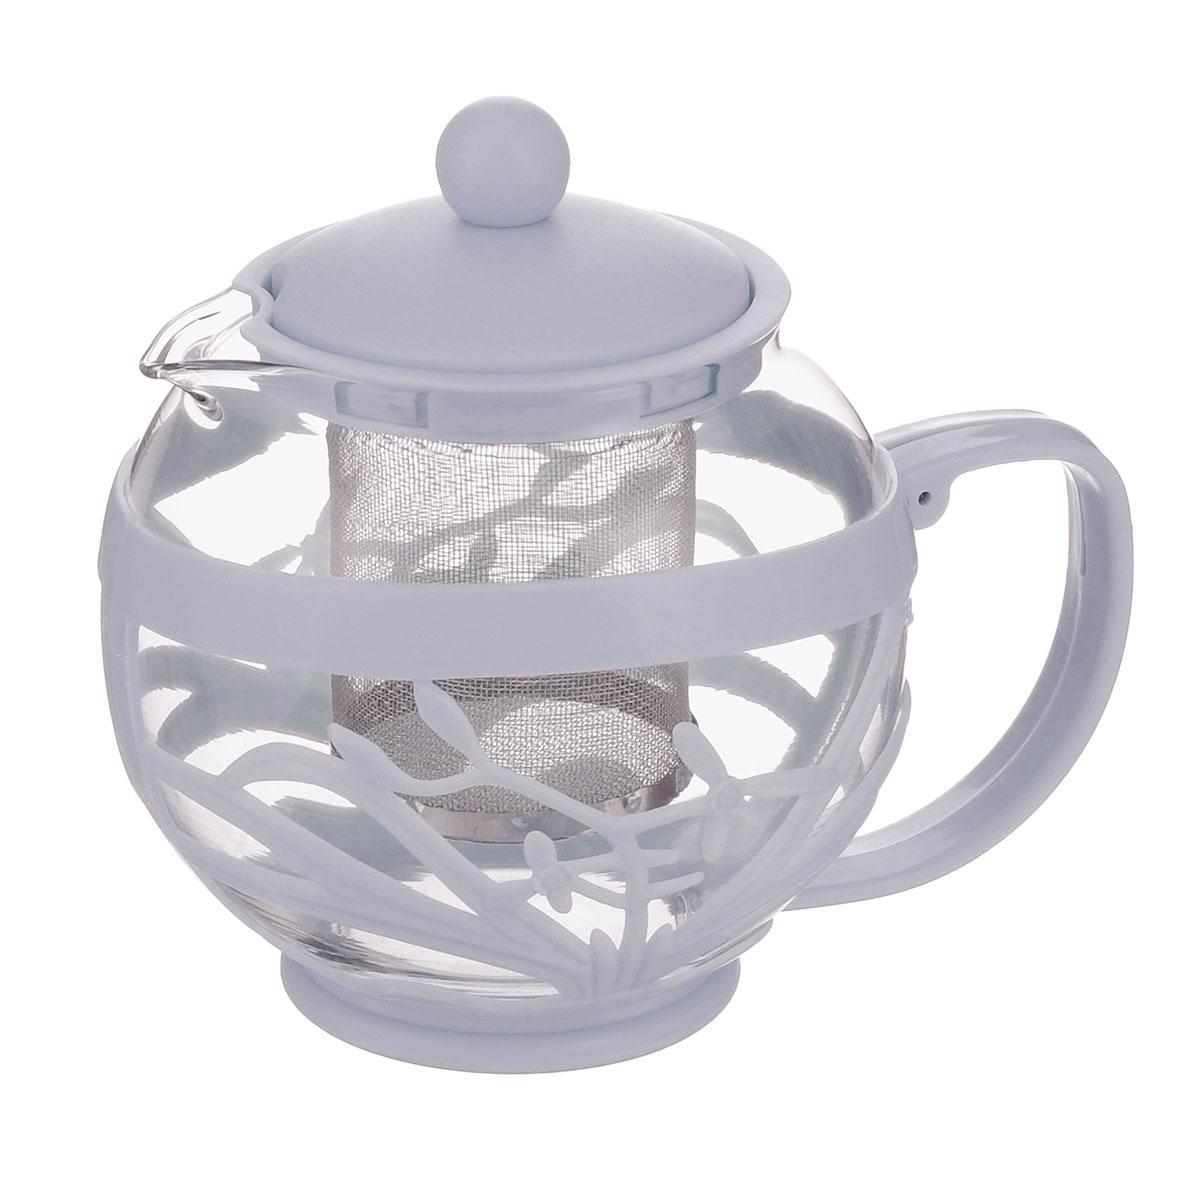 Чайник заварочный Menu Мелисса, с фильтром, цвет: прозрачный, серый, 750 млMLS-75_серЧайник Menu Мелисса изготовлен из прочного стекла и пластика. Он прекрасно подойдет для заваривания чая и травяных напитков. Классический стиль и оптимальный объем делают его удобным и оригинальным аксессуаром. Изделие имеет удлиненный металлический фильтр, который обеспечивает высокое качество фильтрации напитка и позволяет заварить чай даже при небольшом уровне воды. Ручка чайника не нагревается и обеспечивает безопасность использования. Нельзя мыть в посудомоечной машине. Диаметр чайника (по верхнему краю): 8 см. Высота чайника (без учета крышки): 11 см. Размер фильтра: 6 х 6 х 7,2 см.